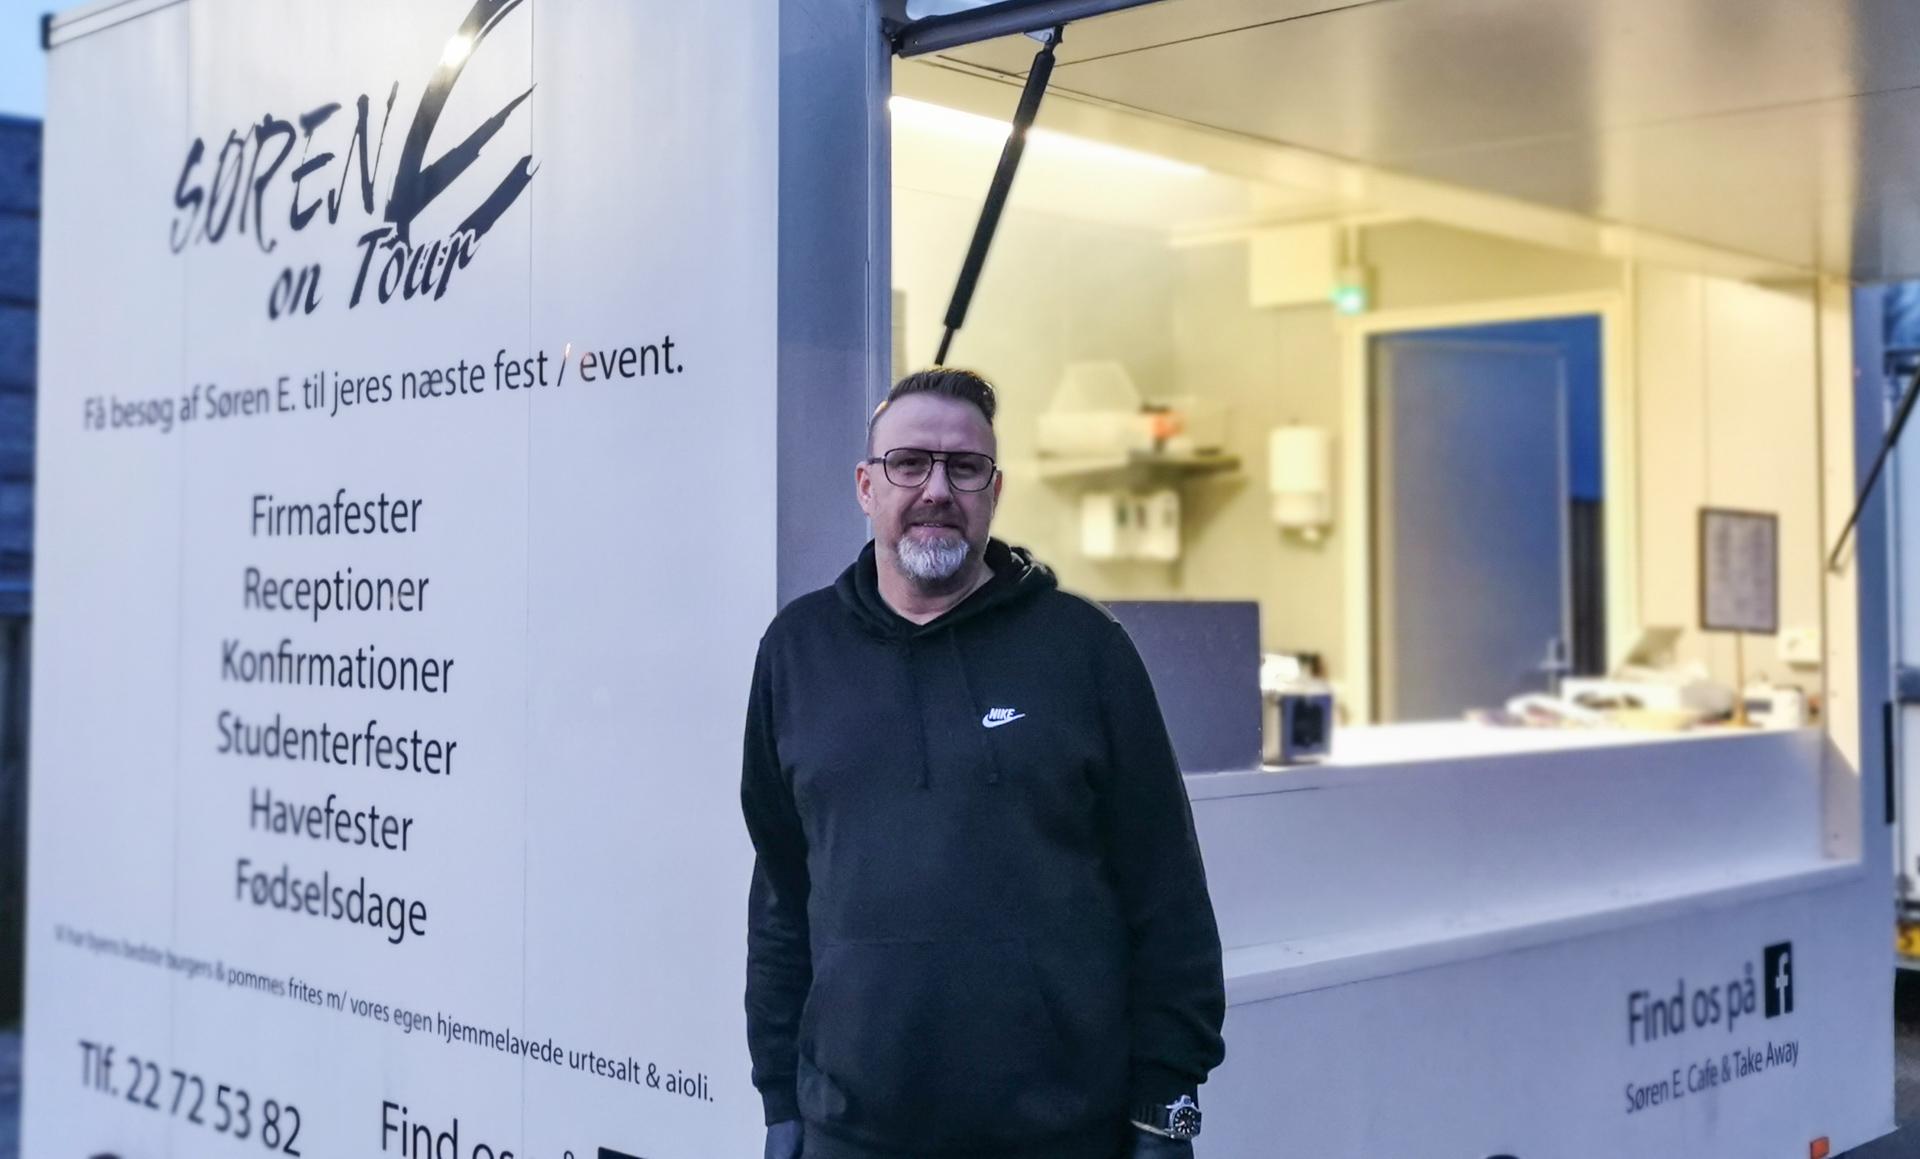 En nyhed af de gode: Søren E takeaway i Viby er flyttet - og på toppen igen